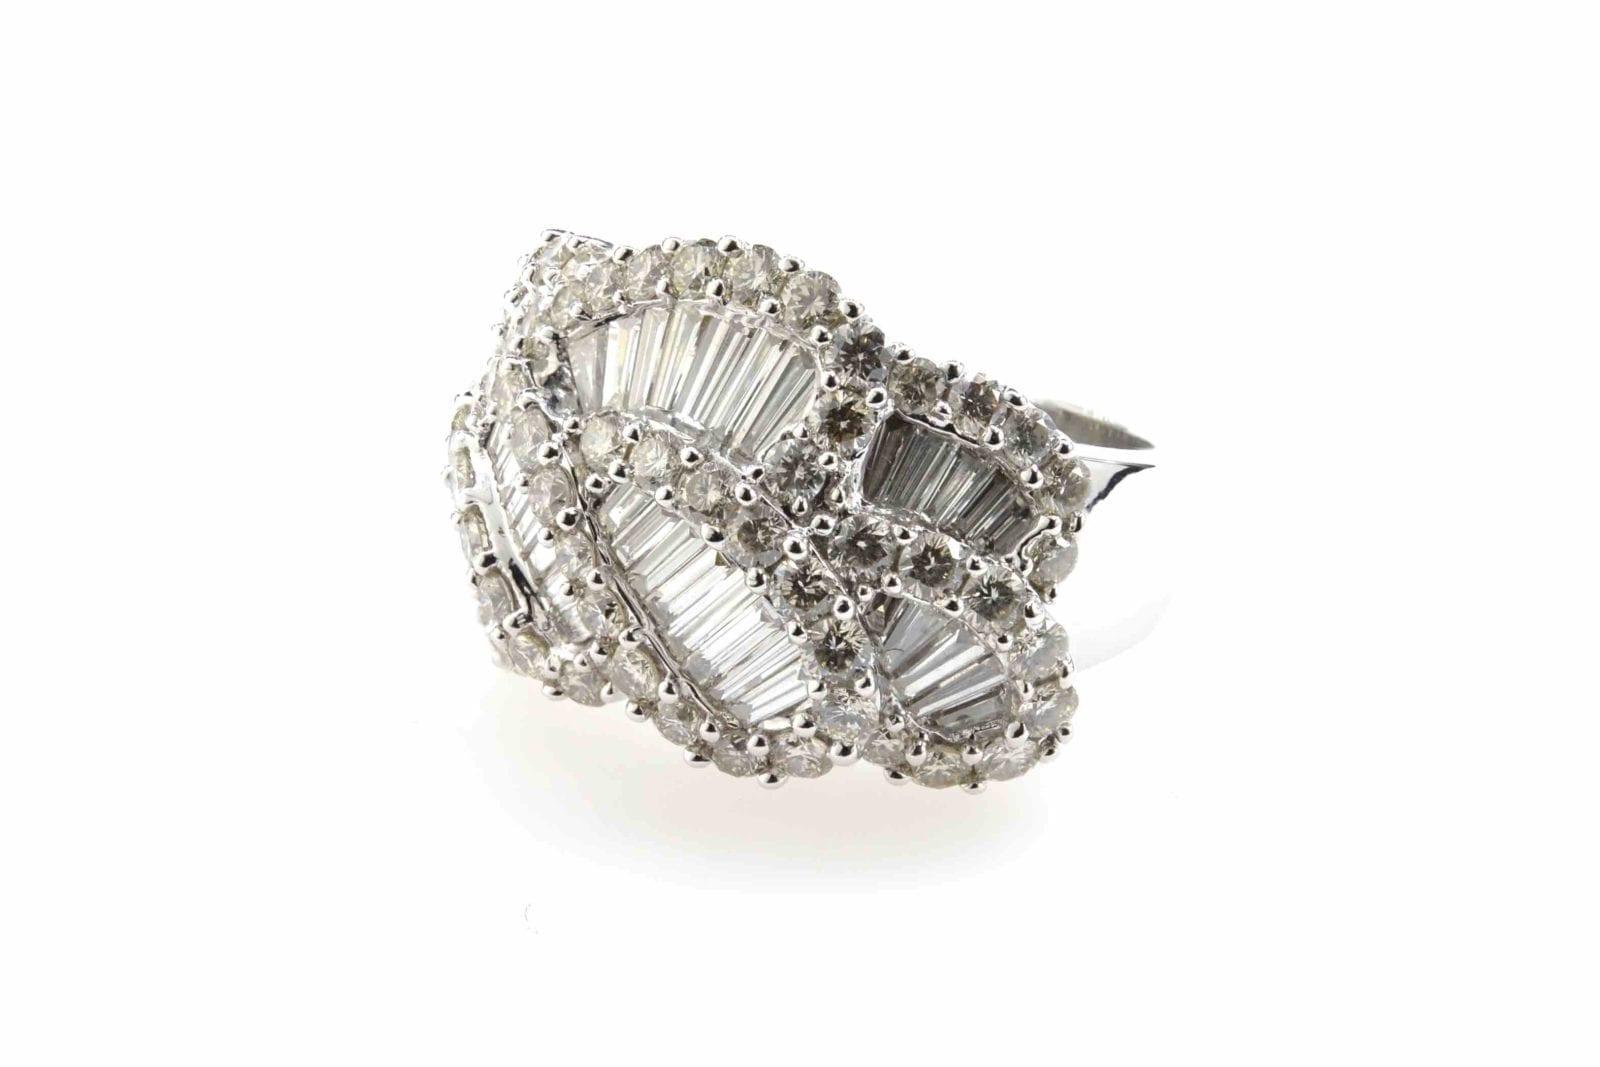 bague diamants baguette 22167